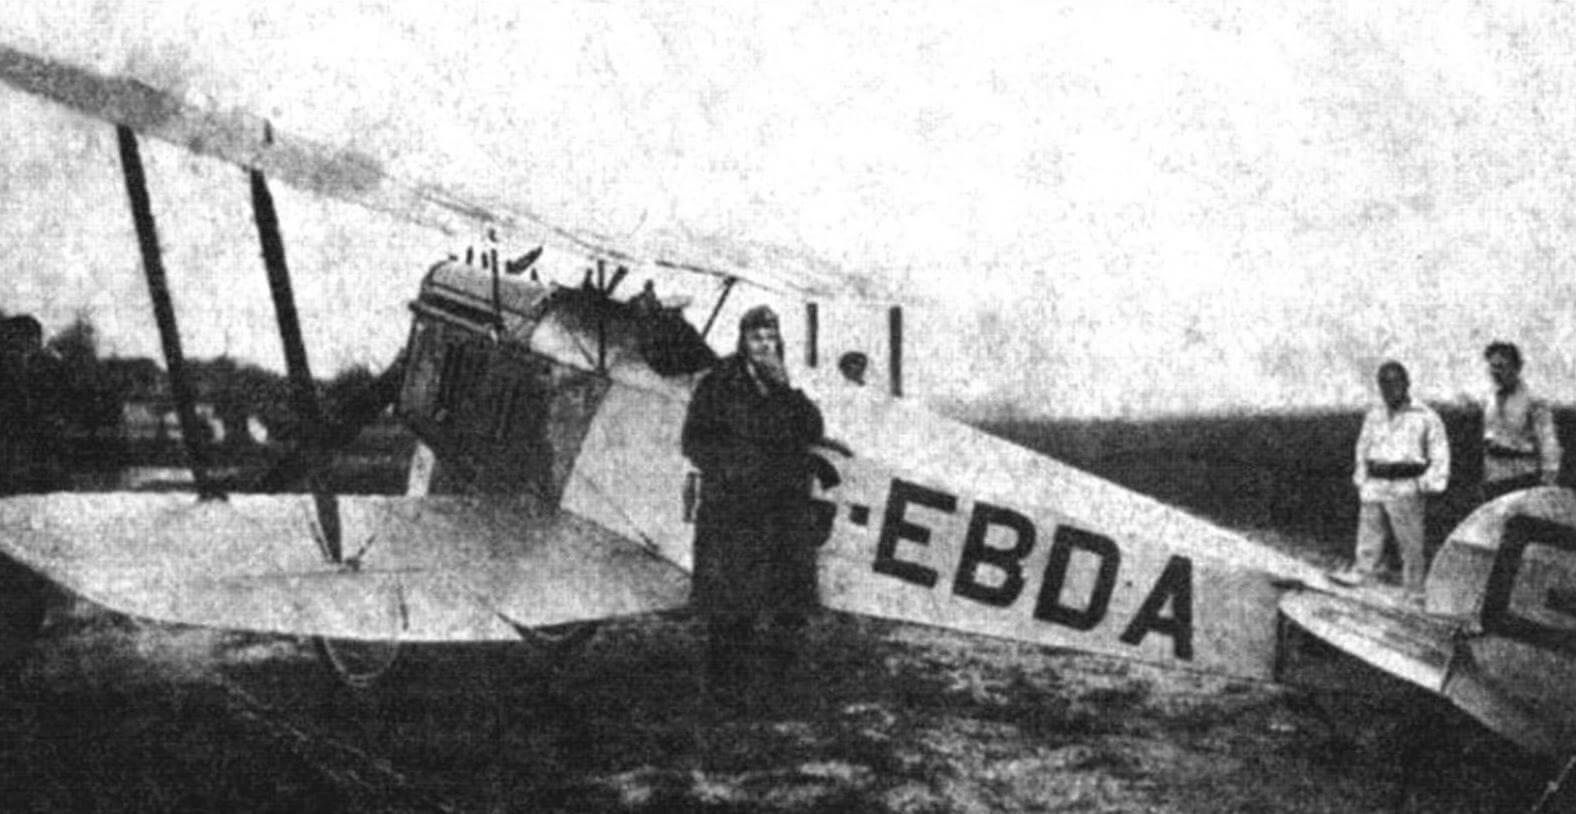 Летчик Гвайта возле своей английской авиетки после успешной посадки на Центральном аэродроме в Москве